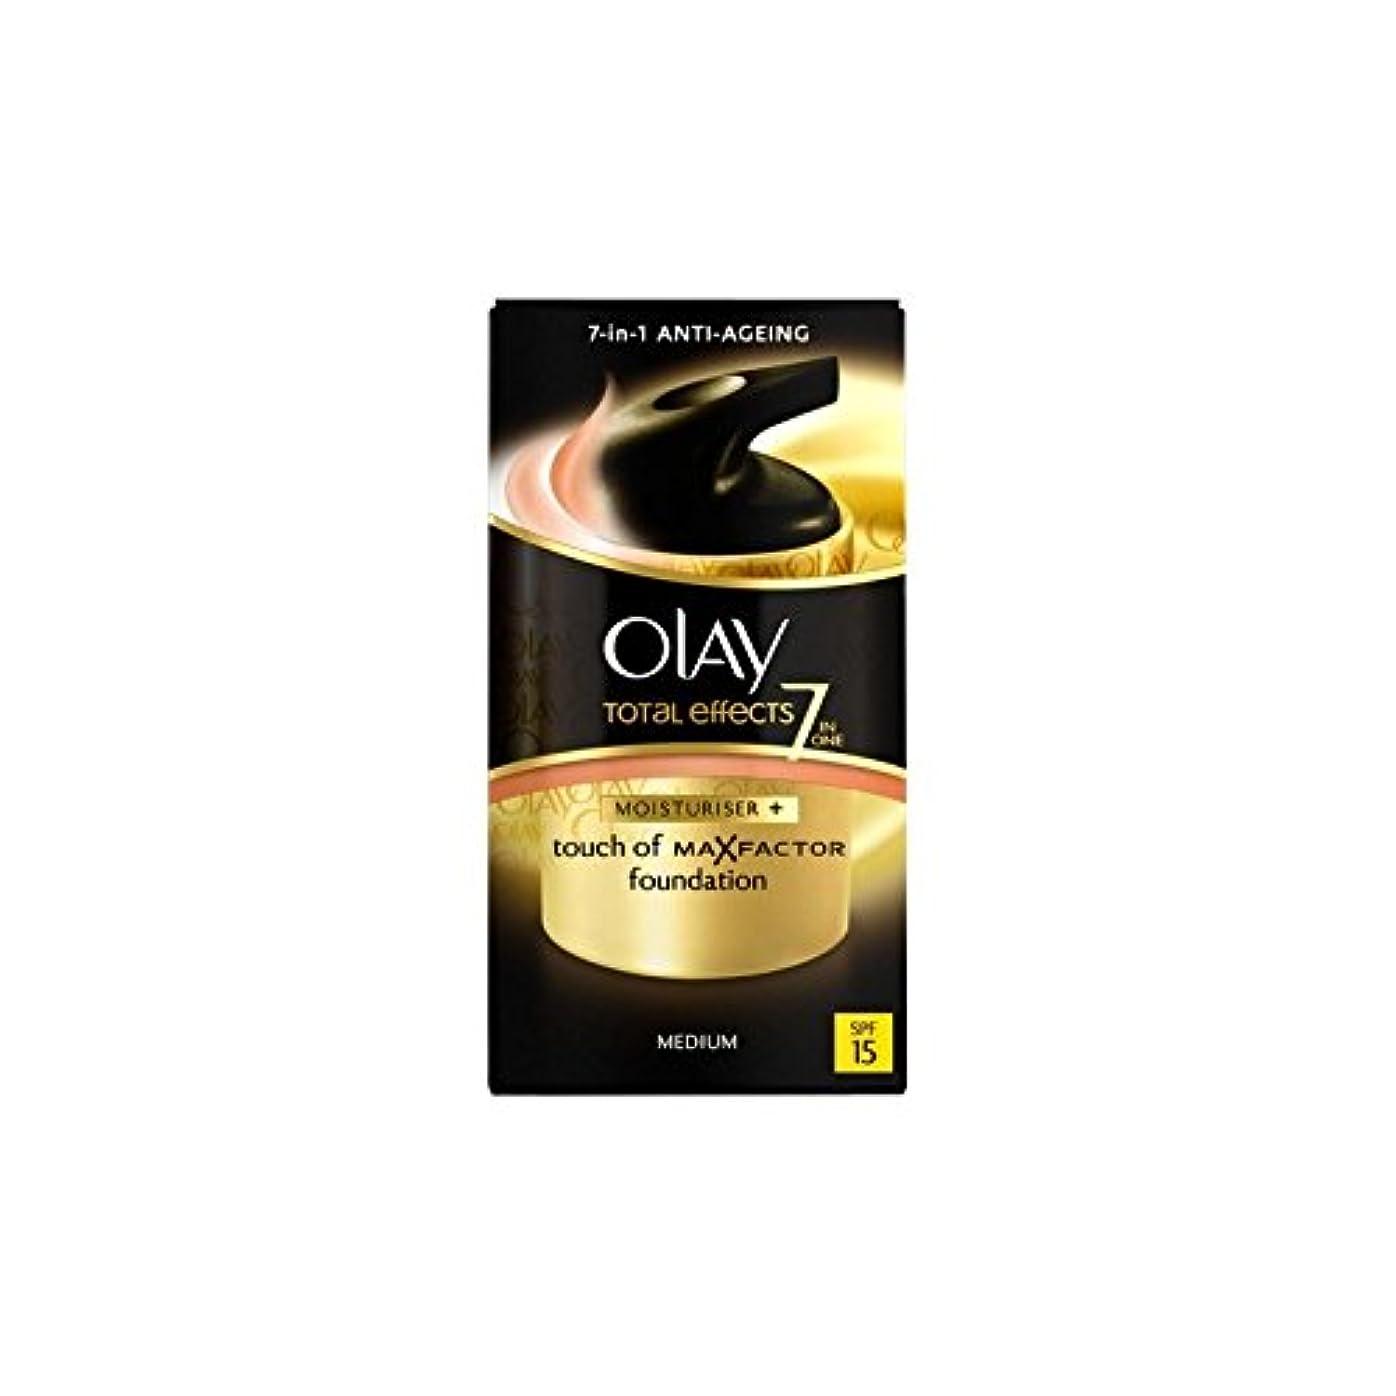 ストローク栄光の防衛オーレイトータルエフェクト保湿クリーム15 - 培地(50ミリリットル) x2 - Olay Total Effects Moisturiser Bb Cream Spf15 - Medium (50ml) (Pack of 2) [並行輸入品]